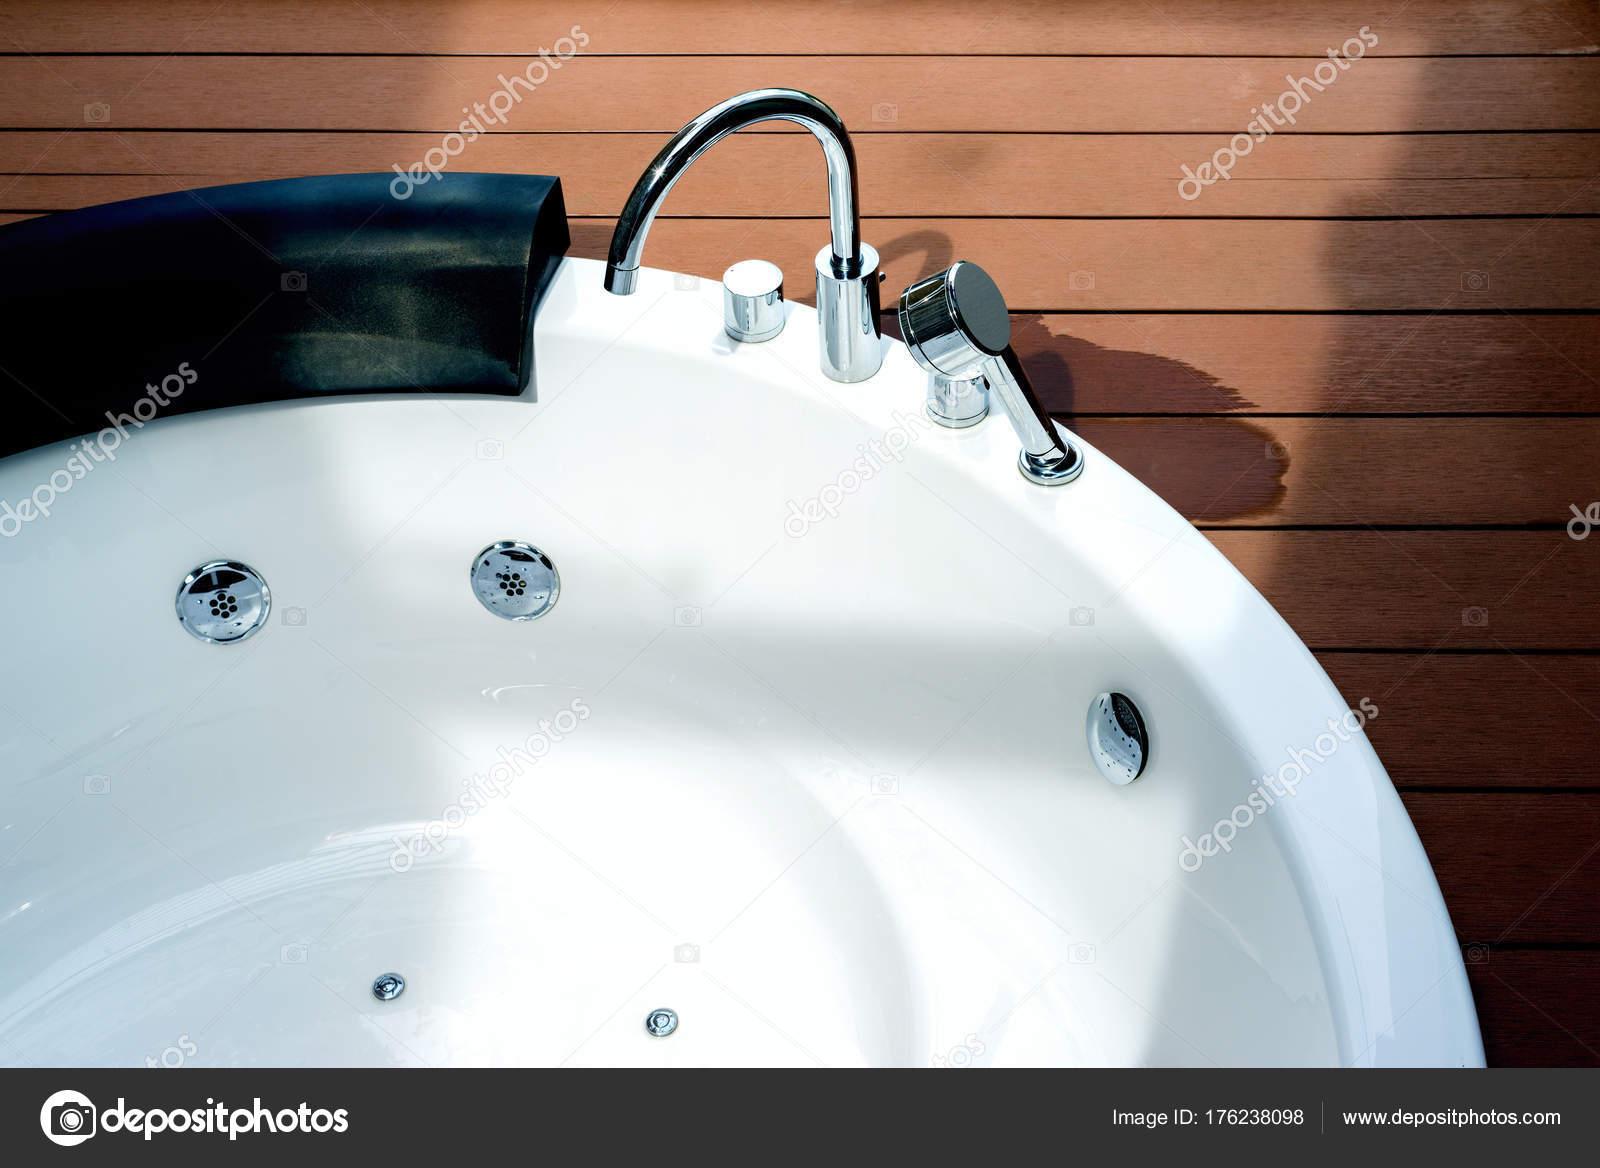 Vasca Da Bagno Bloccata : Vasca da bagno idromassaggio bianca vuota con il rubinetto sul